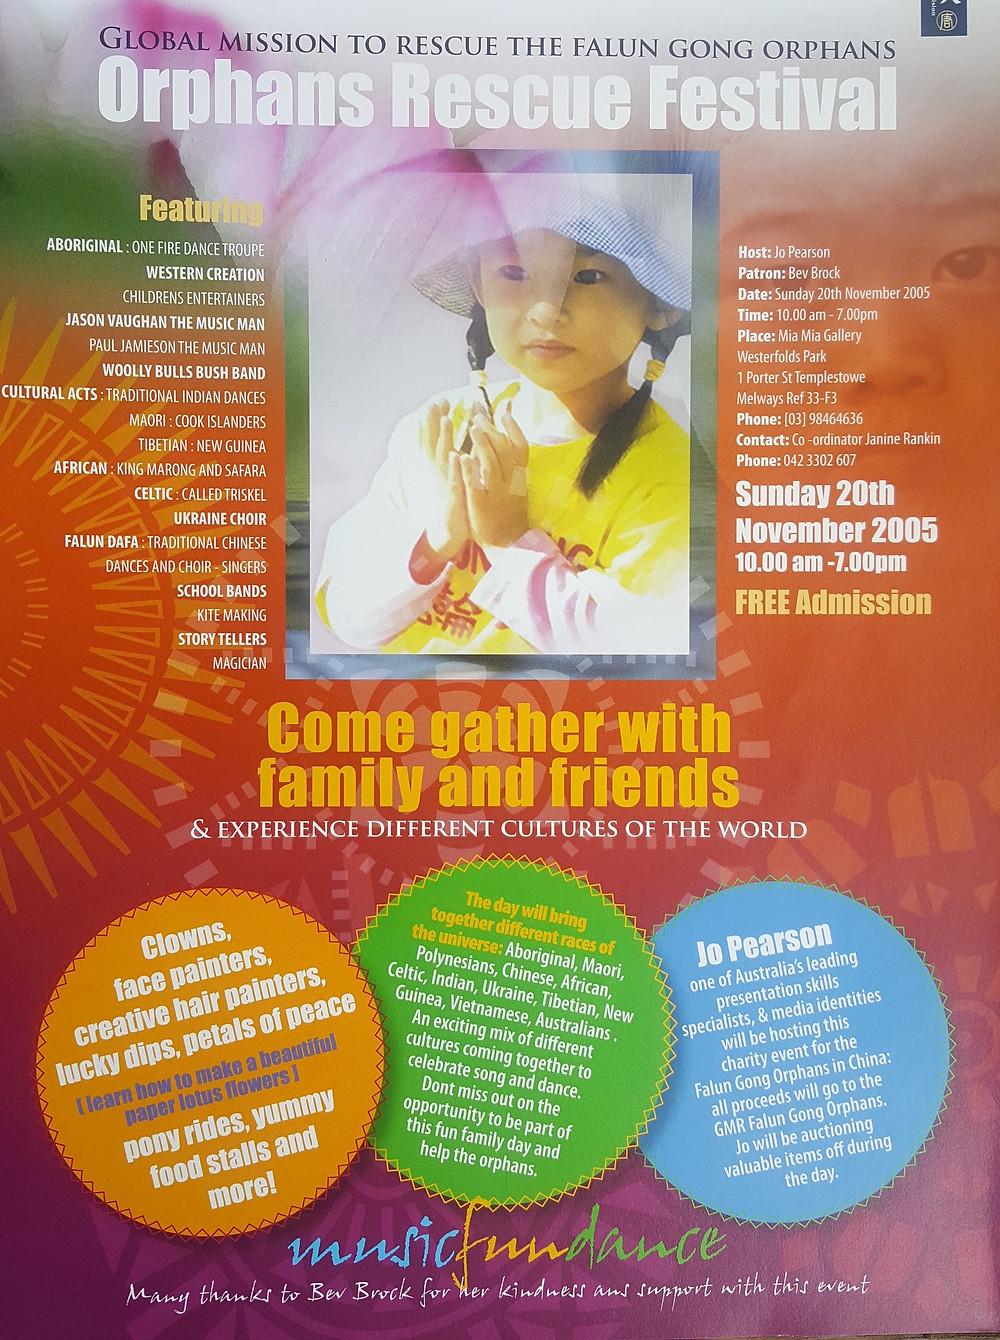 orphans rescue festival - rescue the falun gong orphans mia mia gallery melbourne